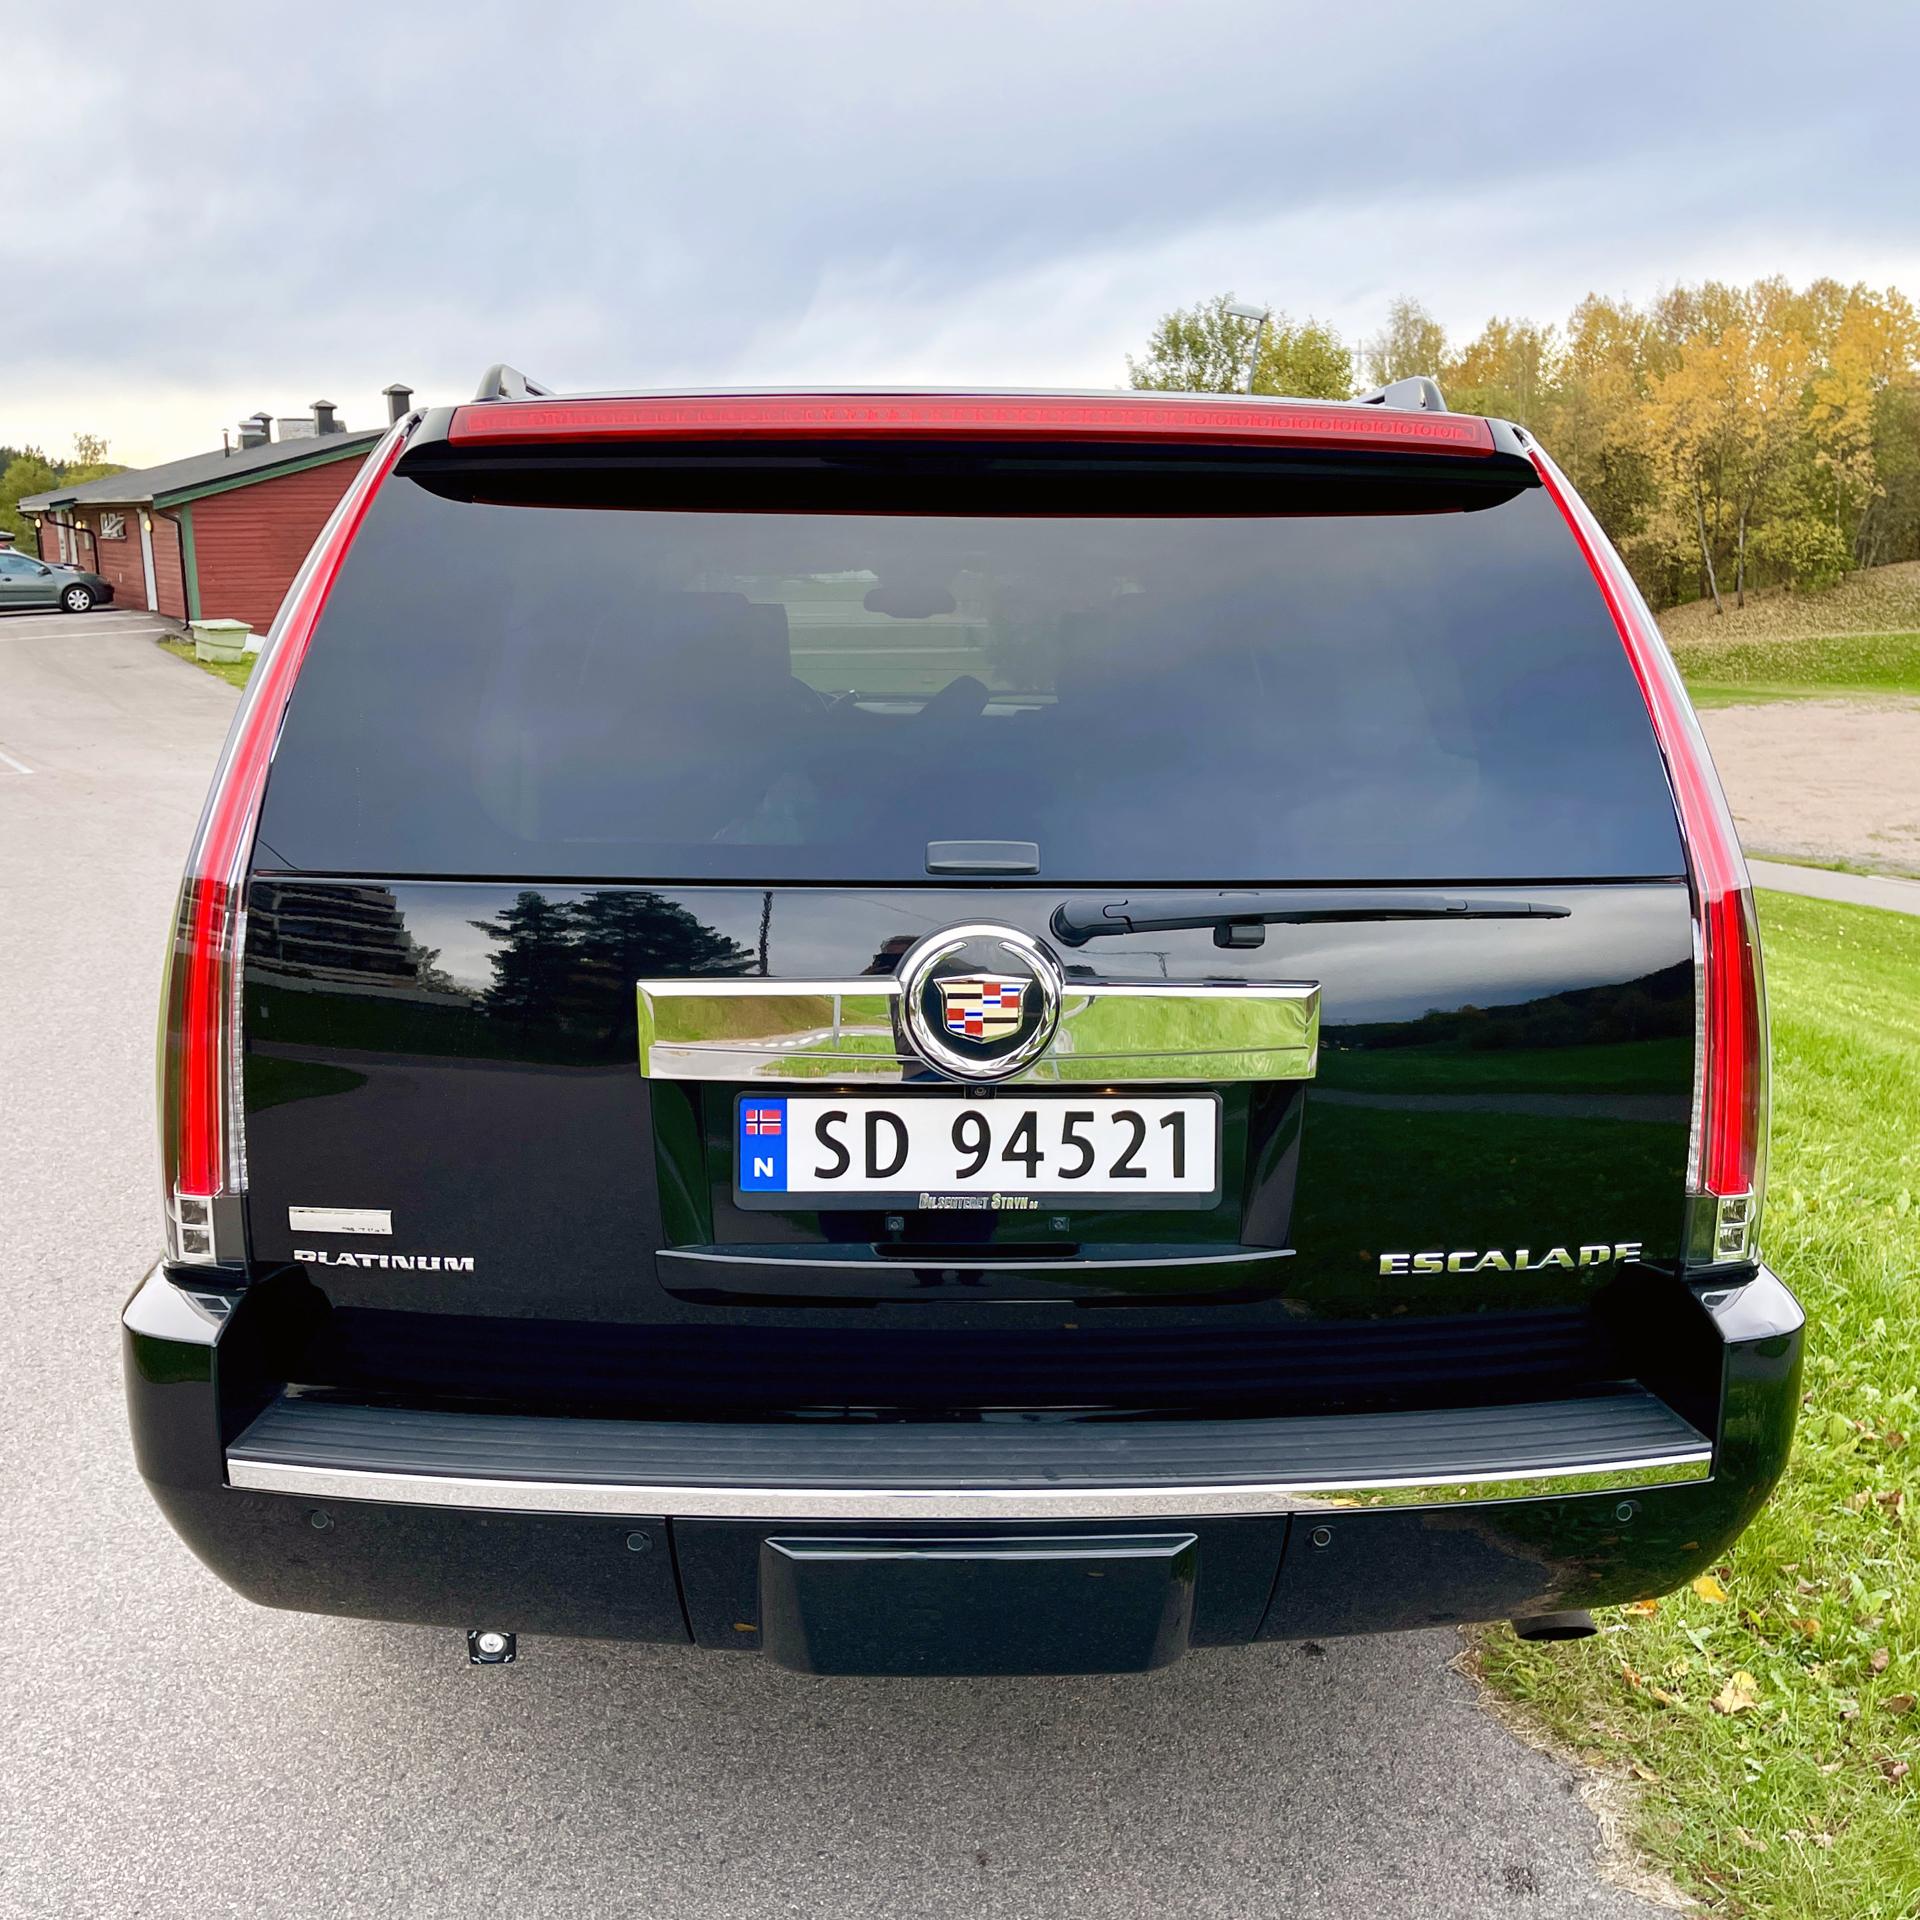 070-2012 Cadillac ESV Platinum 04, Eiere, 070 Ingr